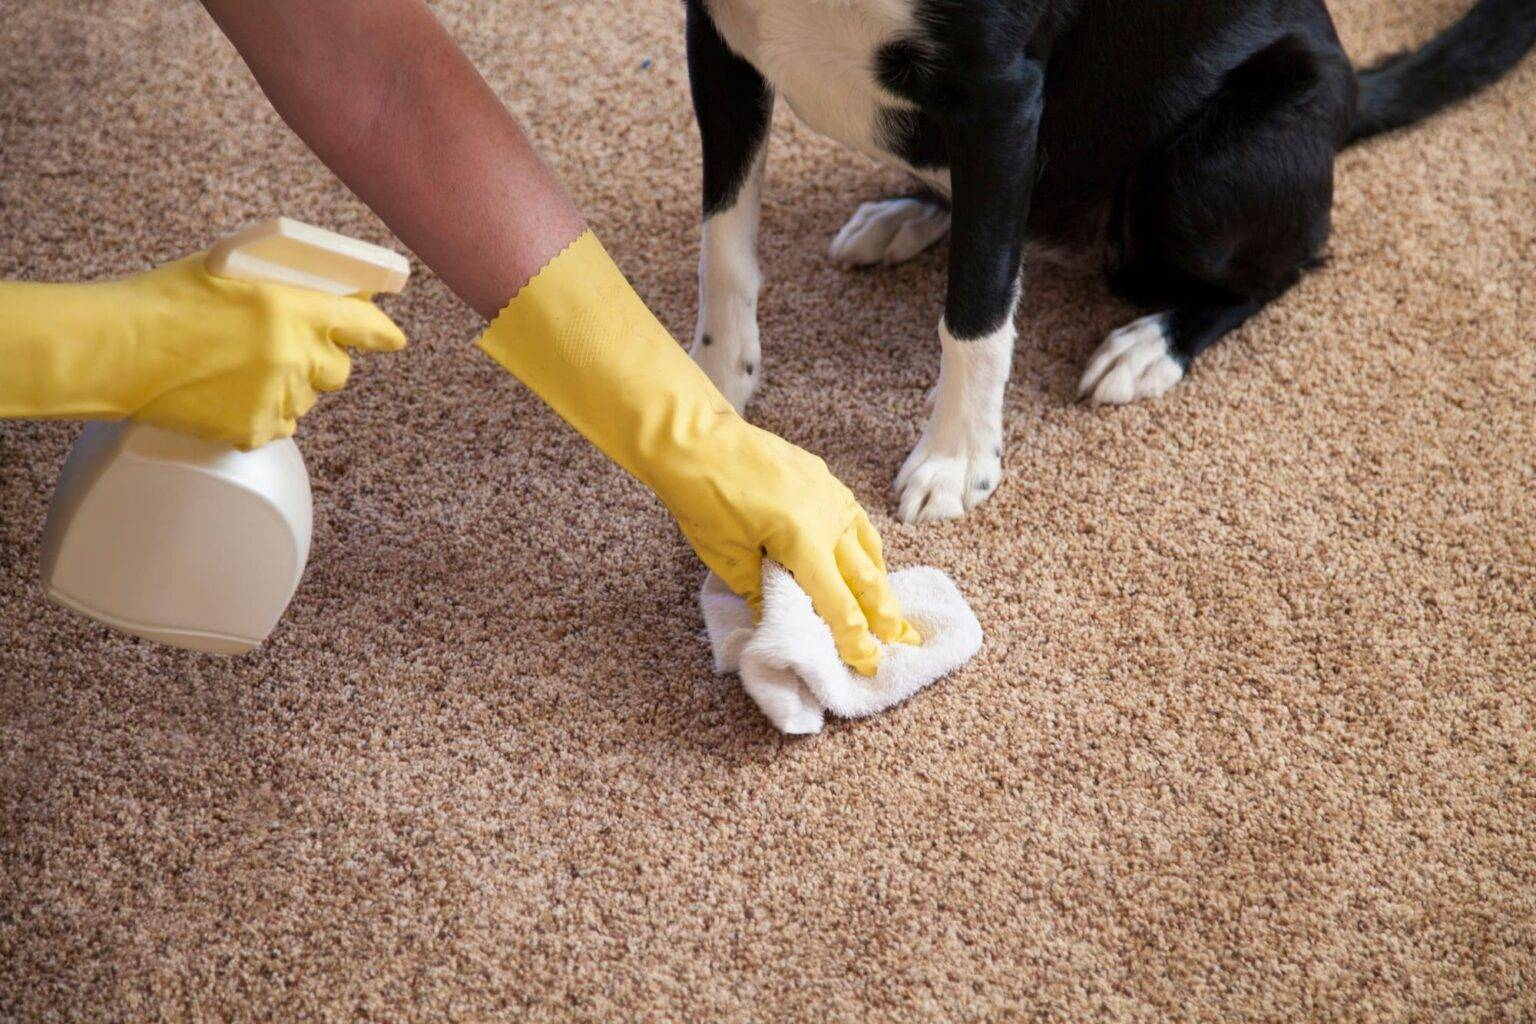 Узнайте, как избавиться от запаха собачьей мочи в квартире, на ковре и диване